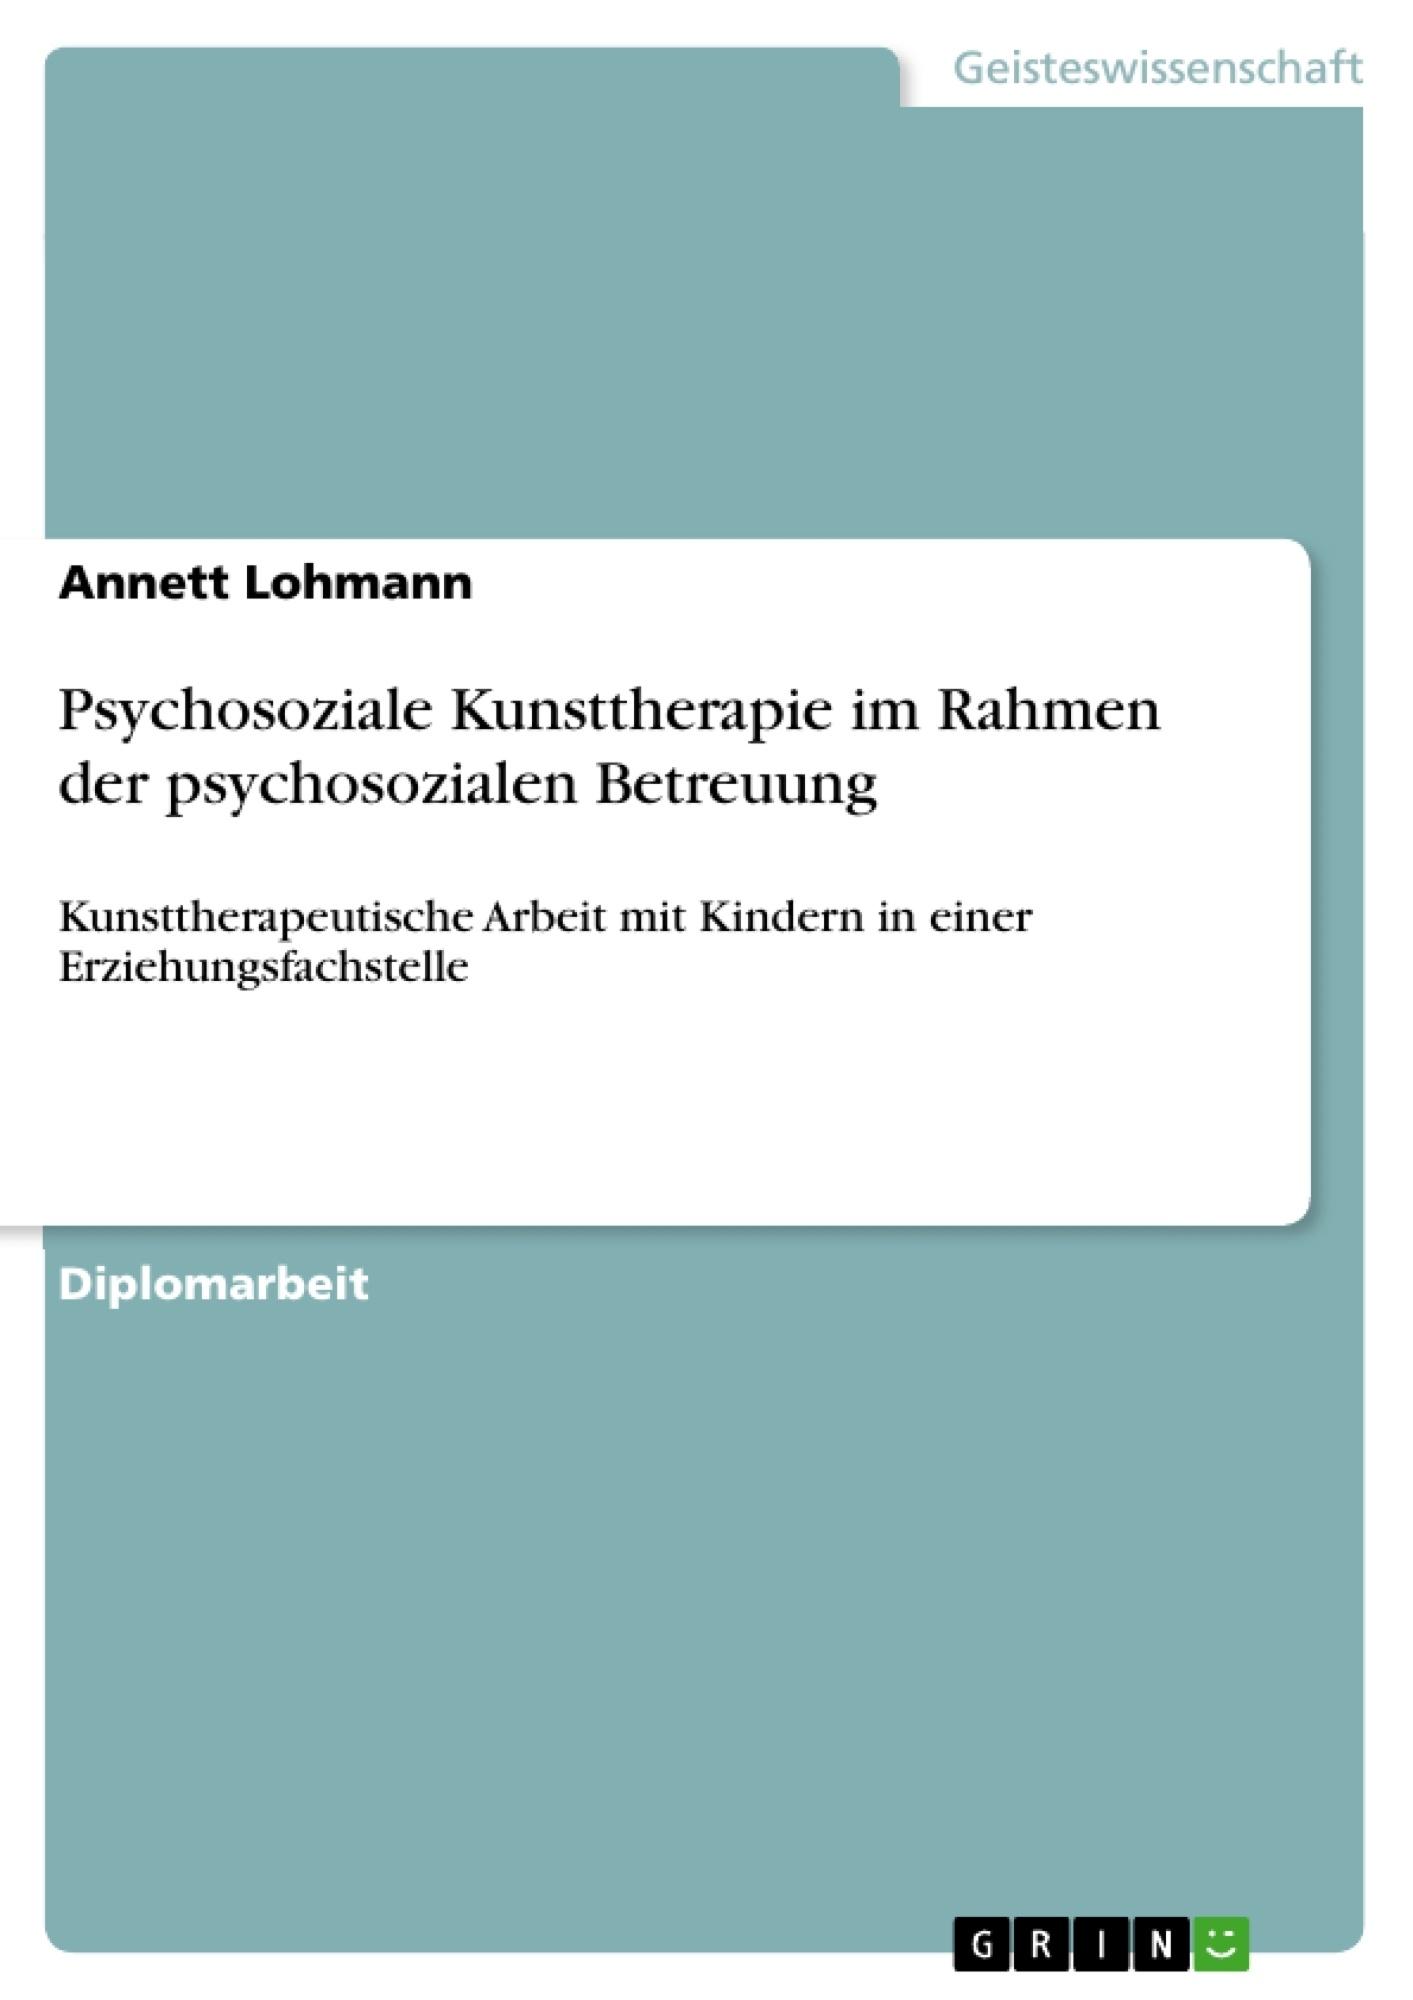 Titel: Psychosoziale Kunsttherapie im Rahmen der psychosozialen Betreuung